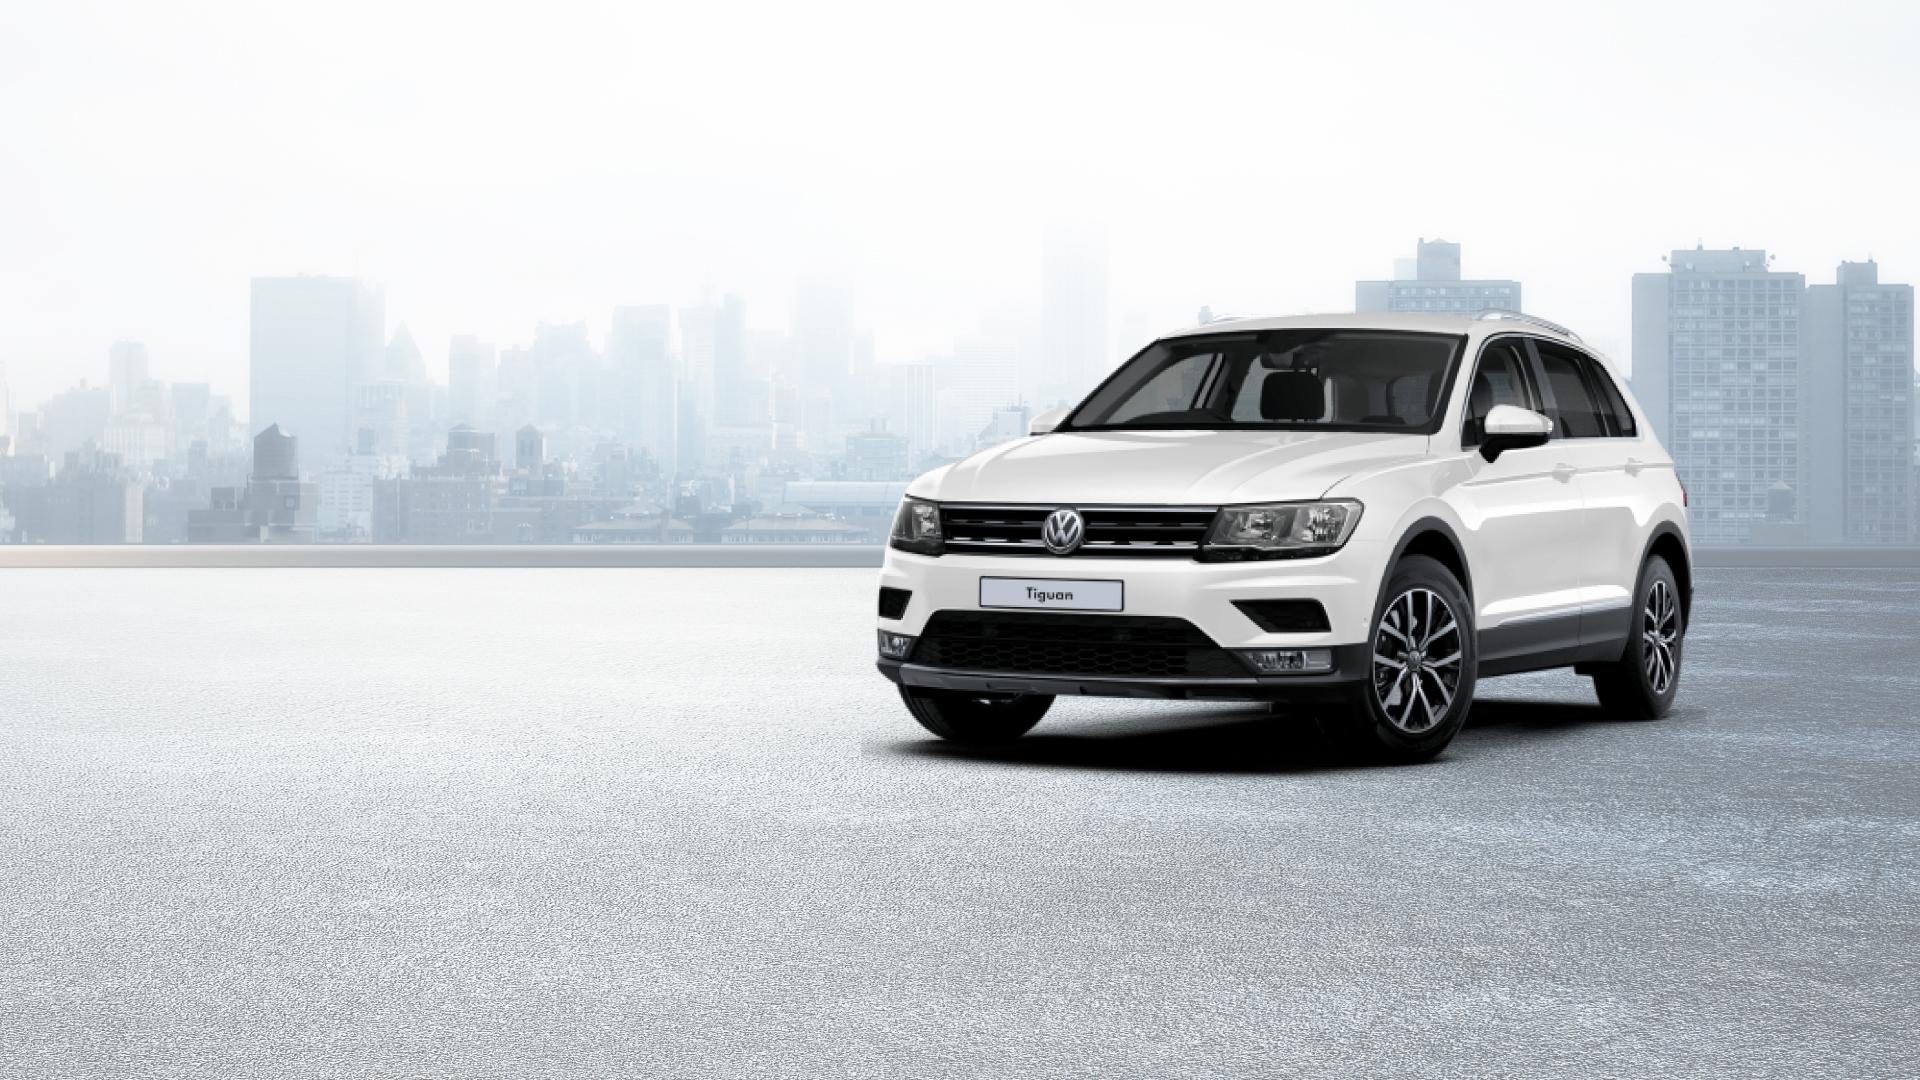 Volkswagen Tiguan Branco